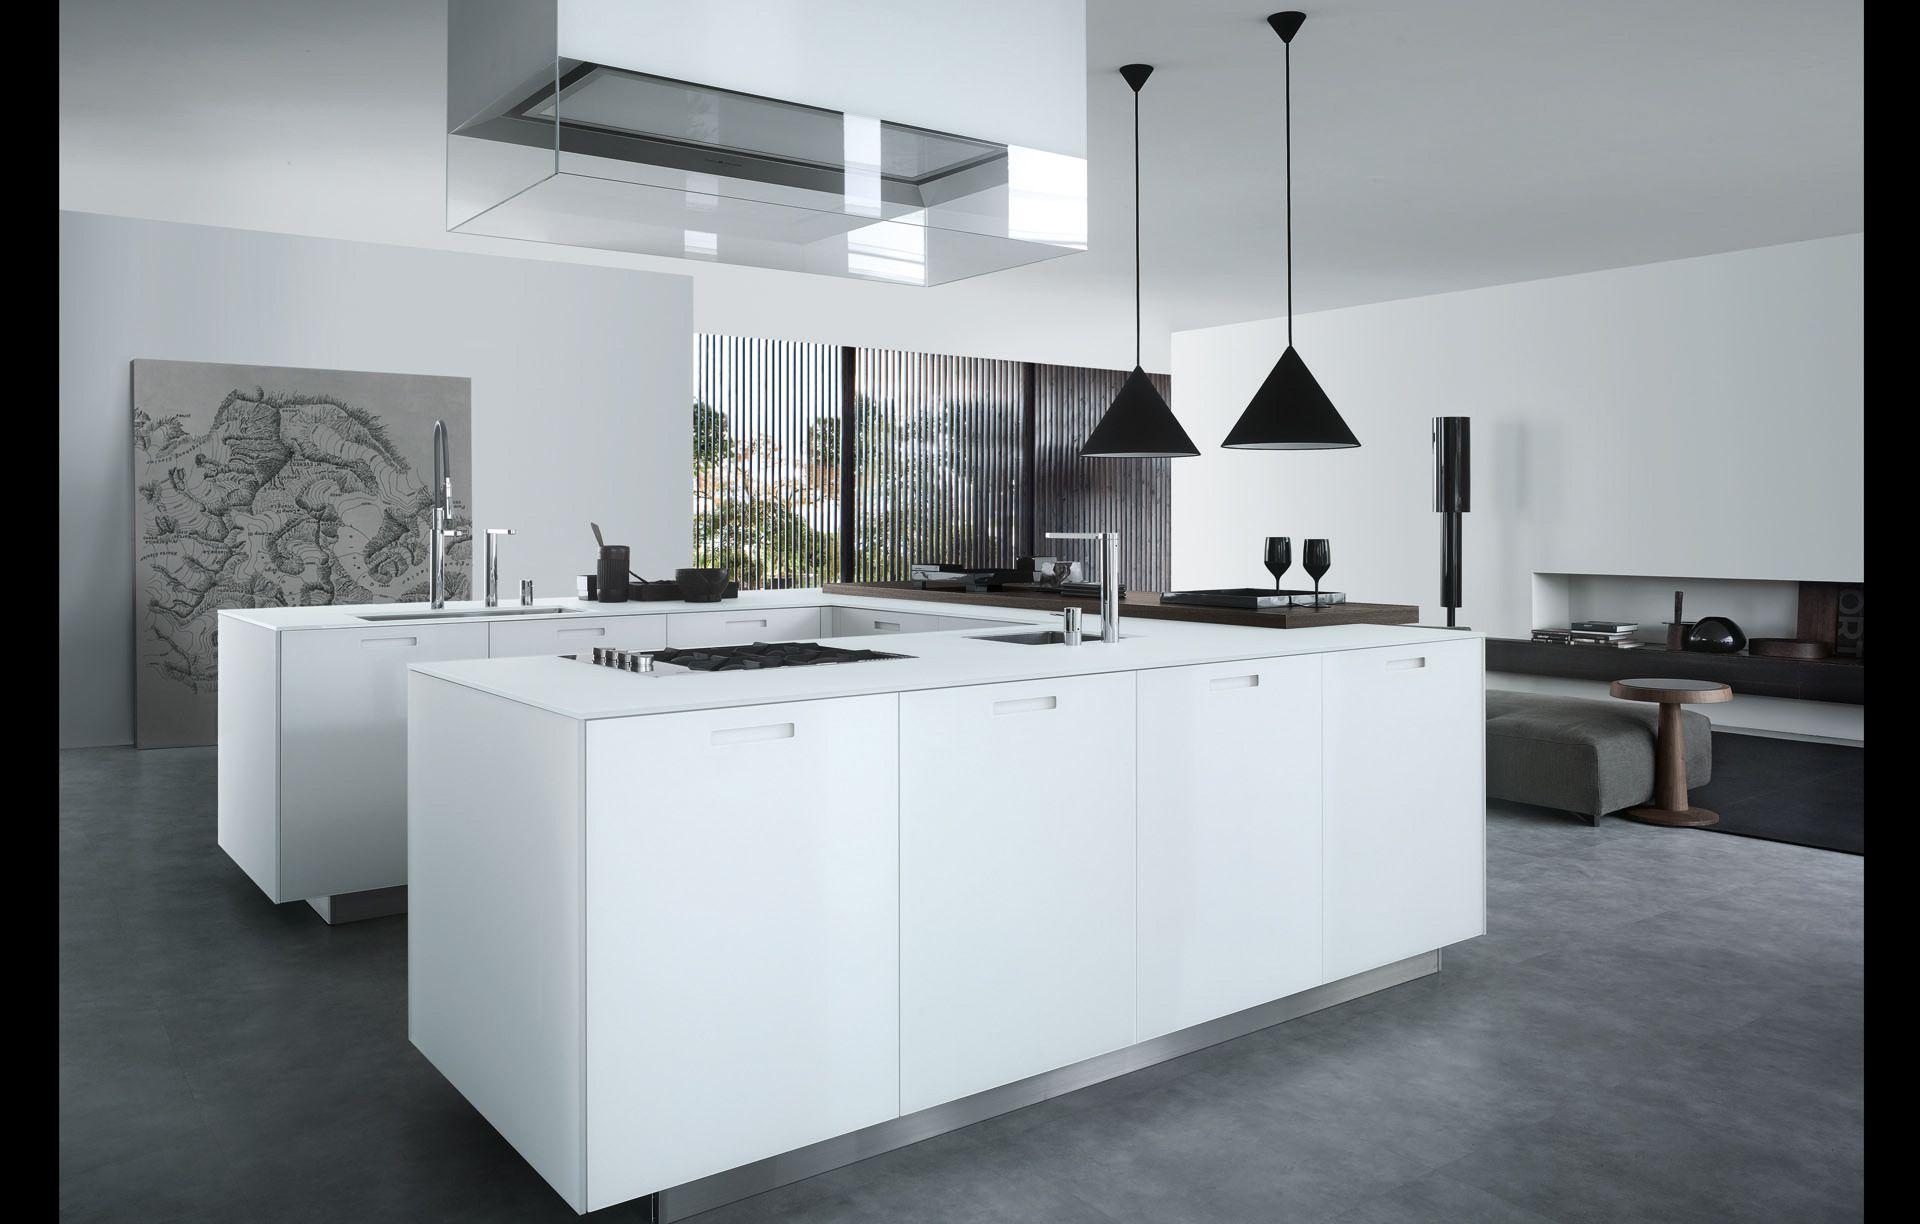 Poliform varenna kyton modern kitchen modern for Poliform kitchen designs